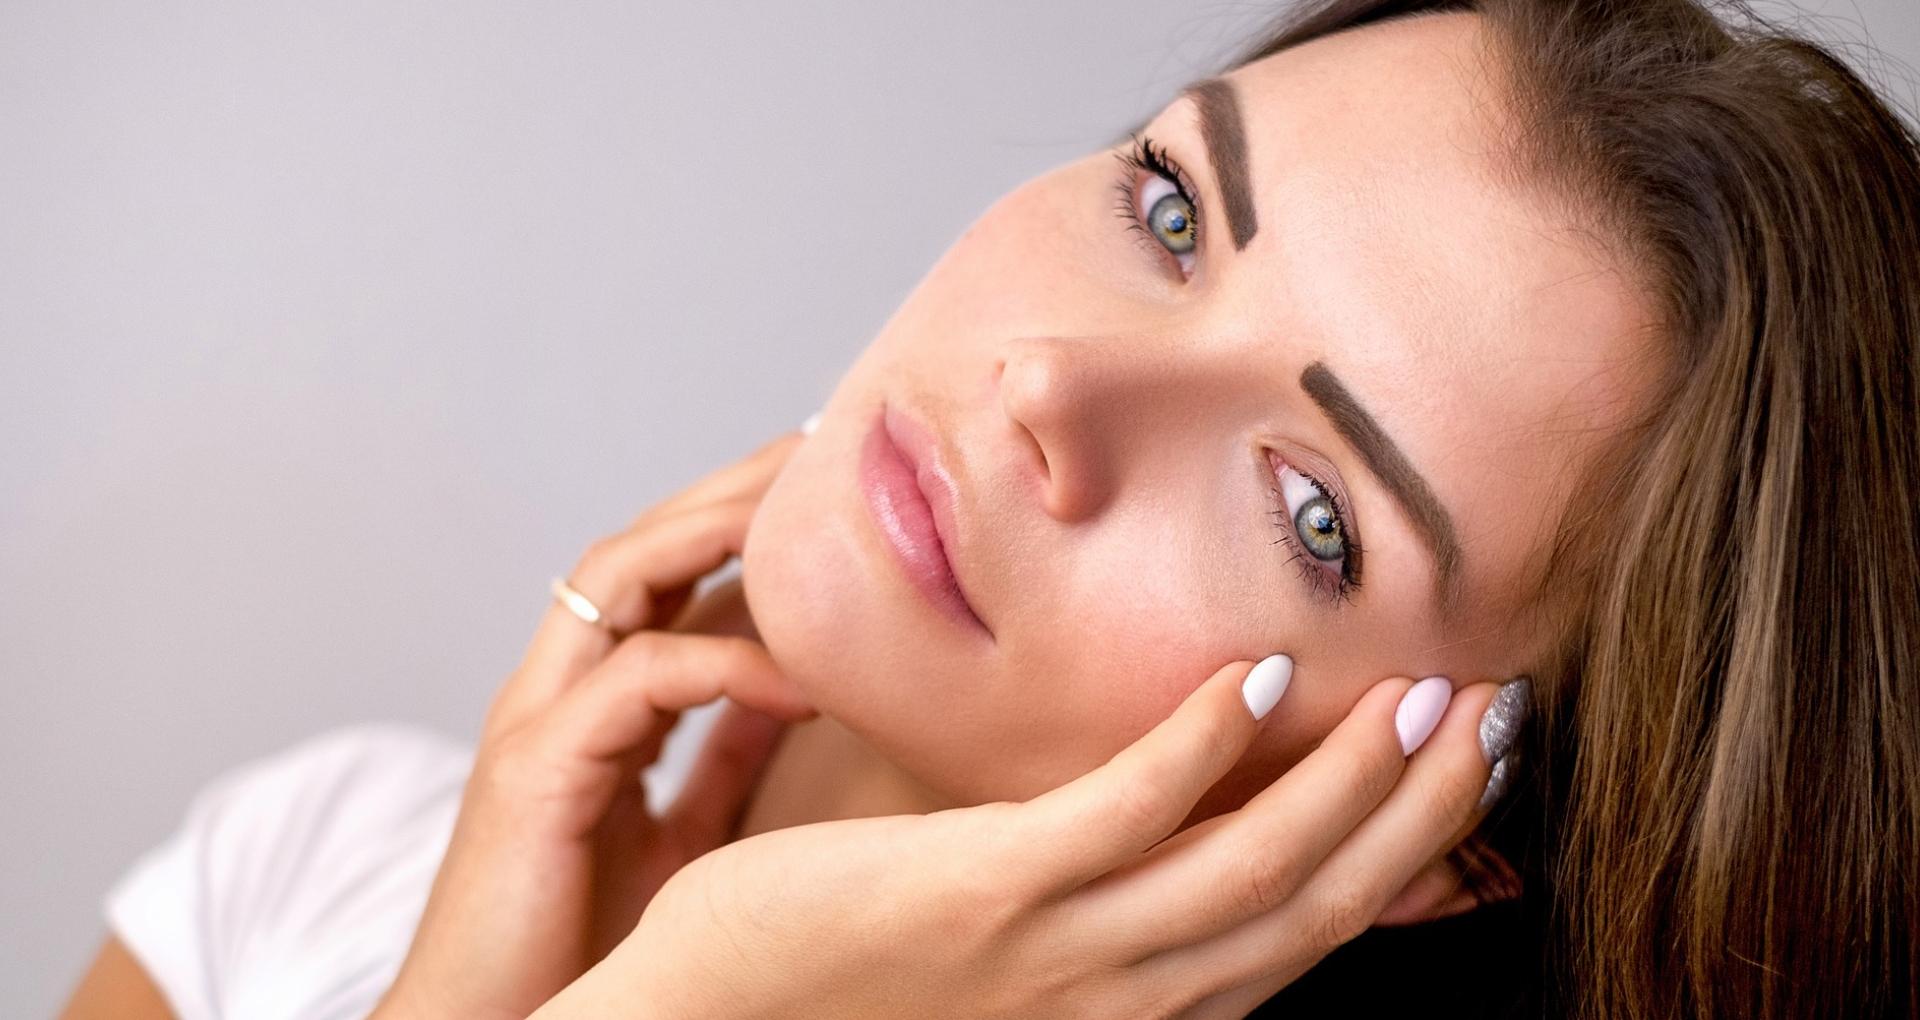 Beauty Tips: ऑयली स्किन से चाहिए हमेशा के लिए छुटकारा, तो अपनाएं ये 5 घरेलू नुस्खे